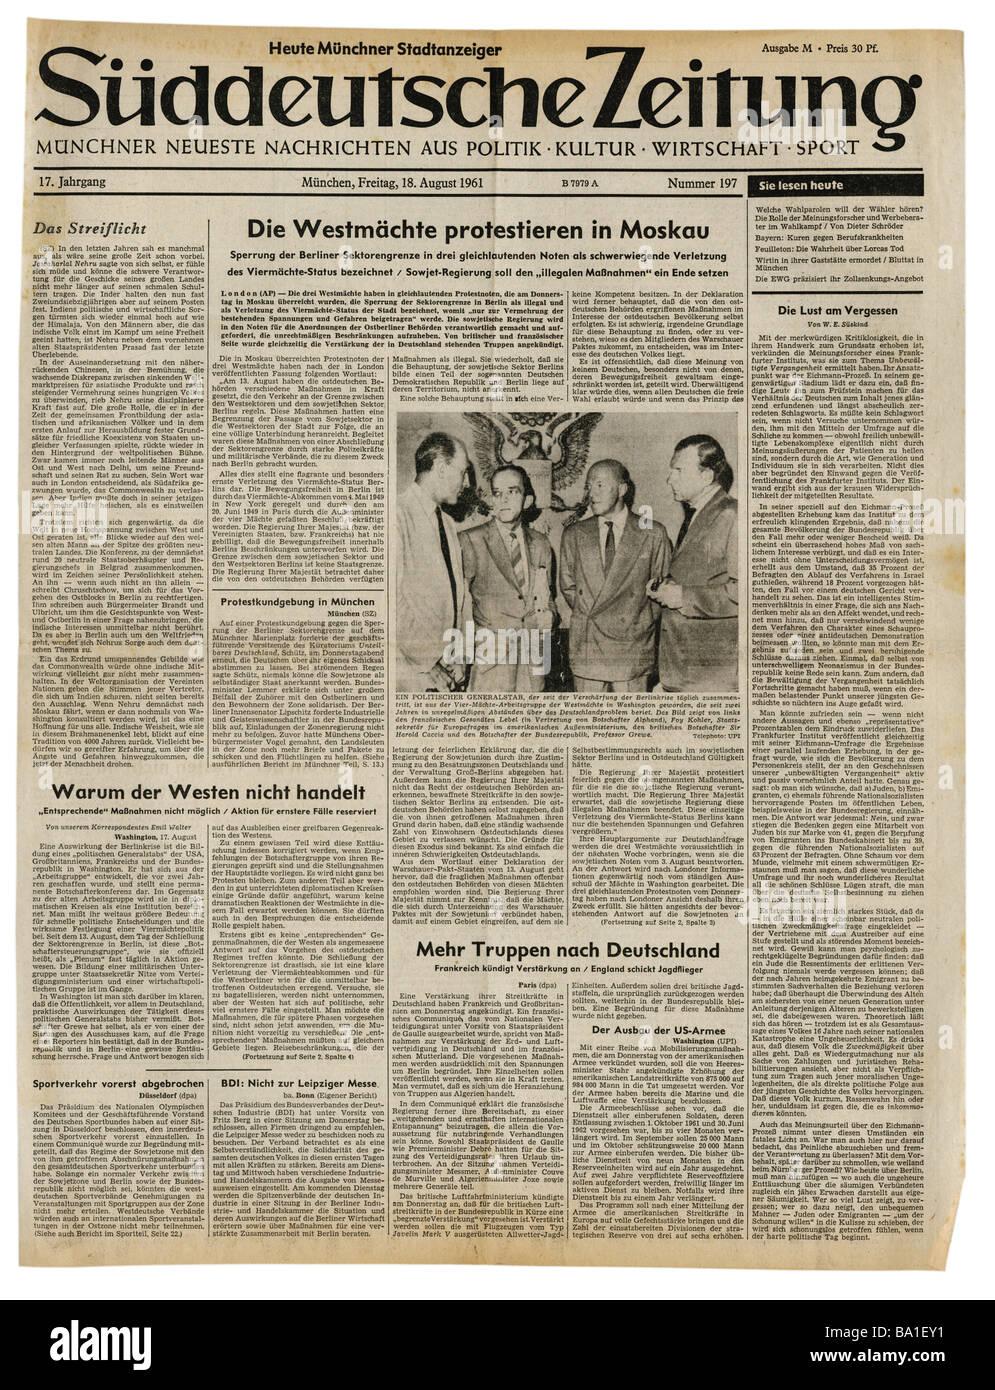 Suddeutsche zeitung munchen bekanntschaften